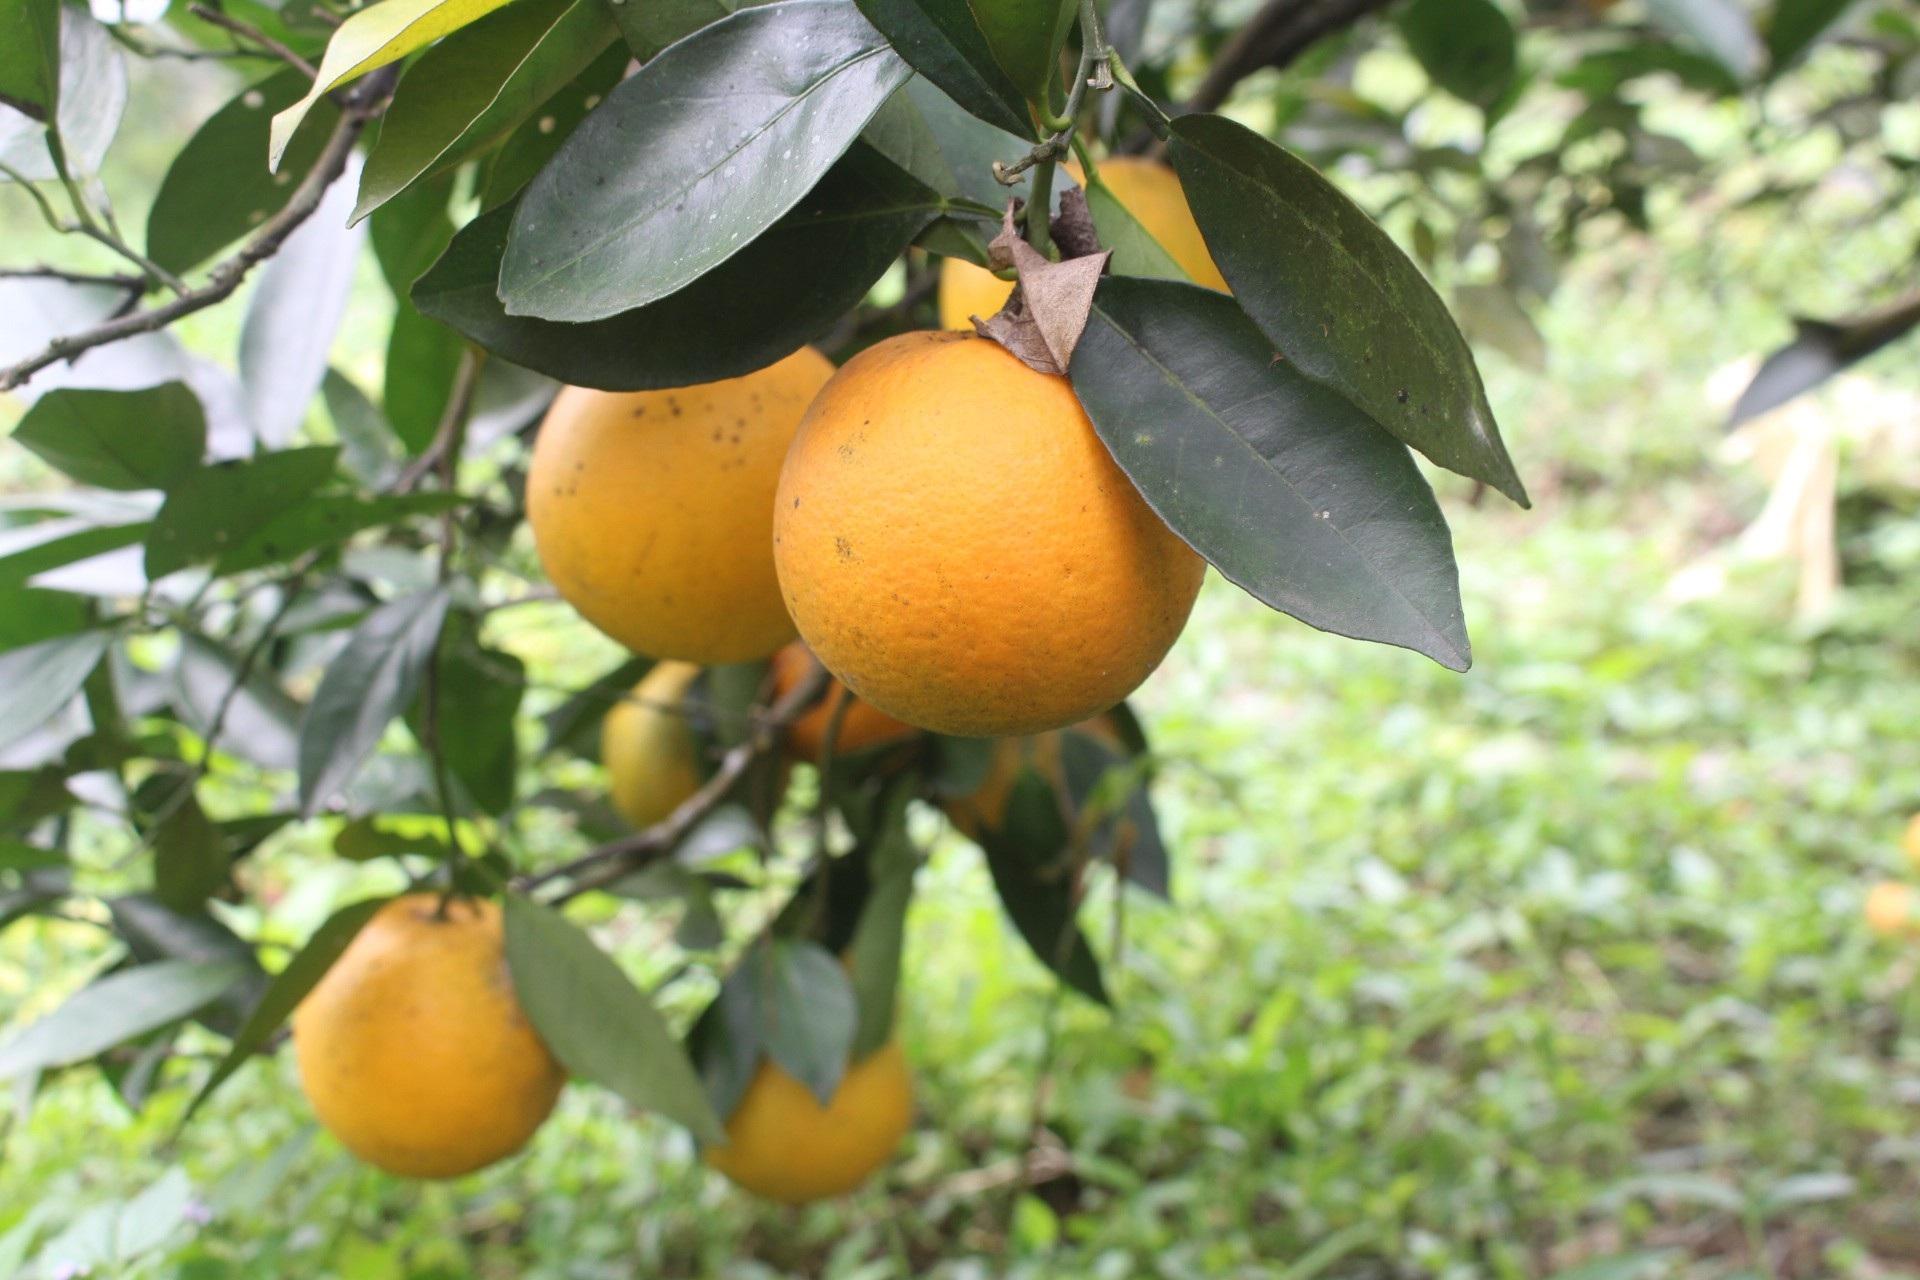 """Mê mẩn nhìn những vườn cam chín mọng chuẩn bị """"bung lụa"""" cho Tết Nguyên Đán - Ảnh 6."""